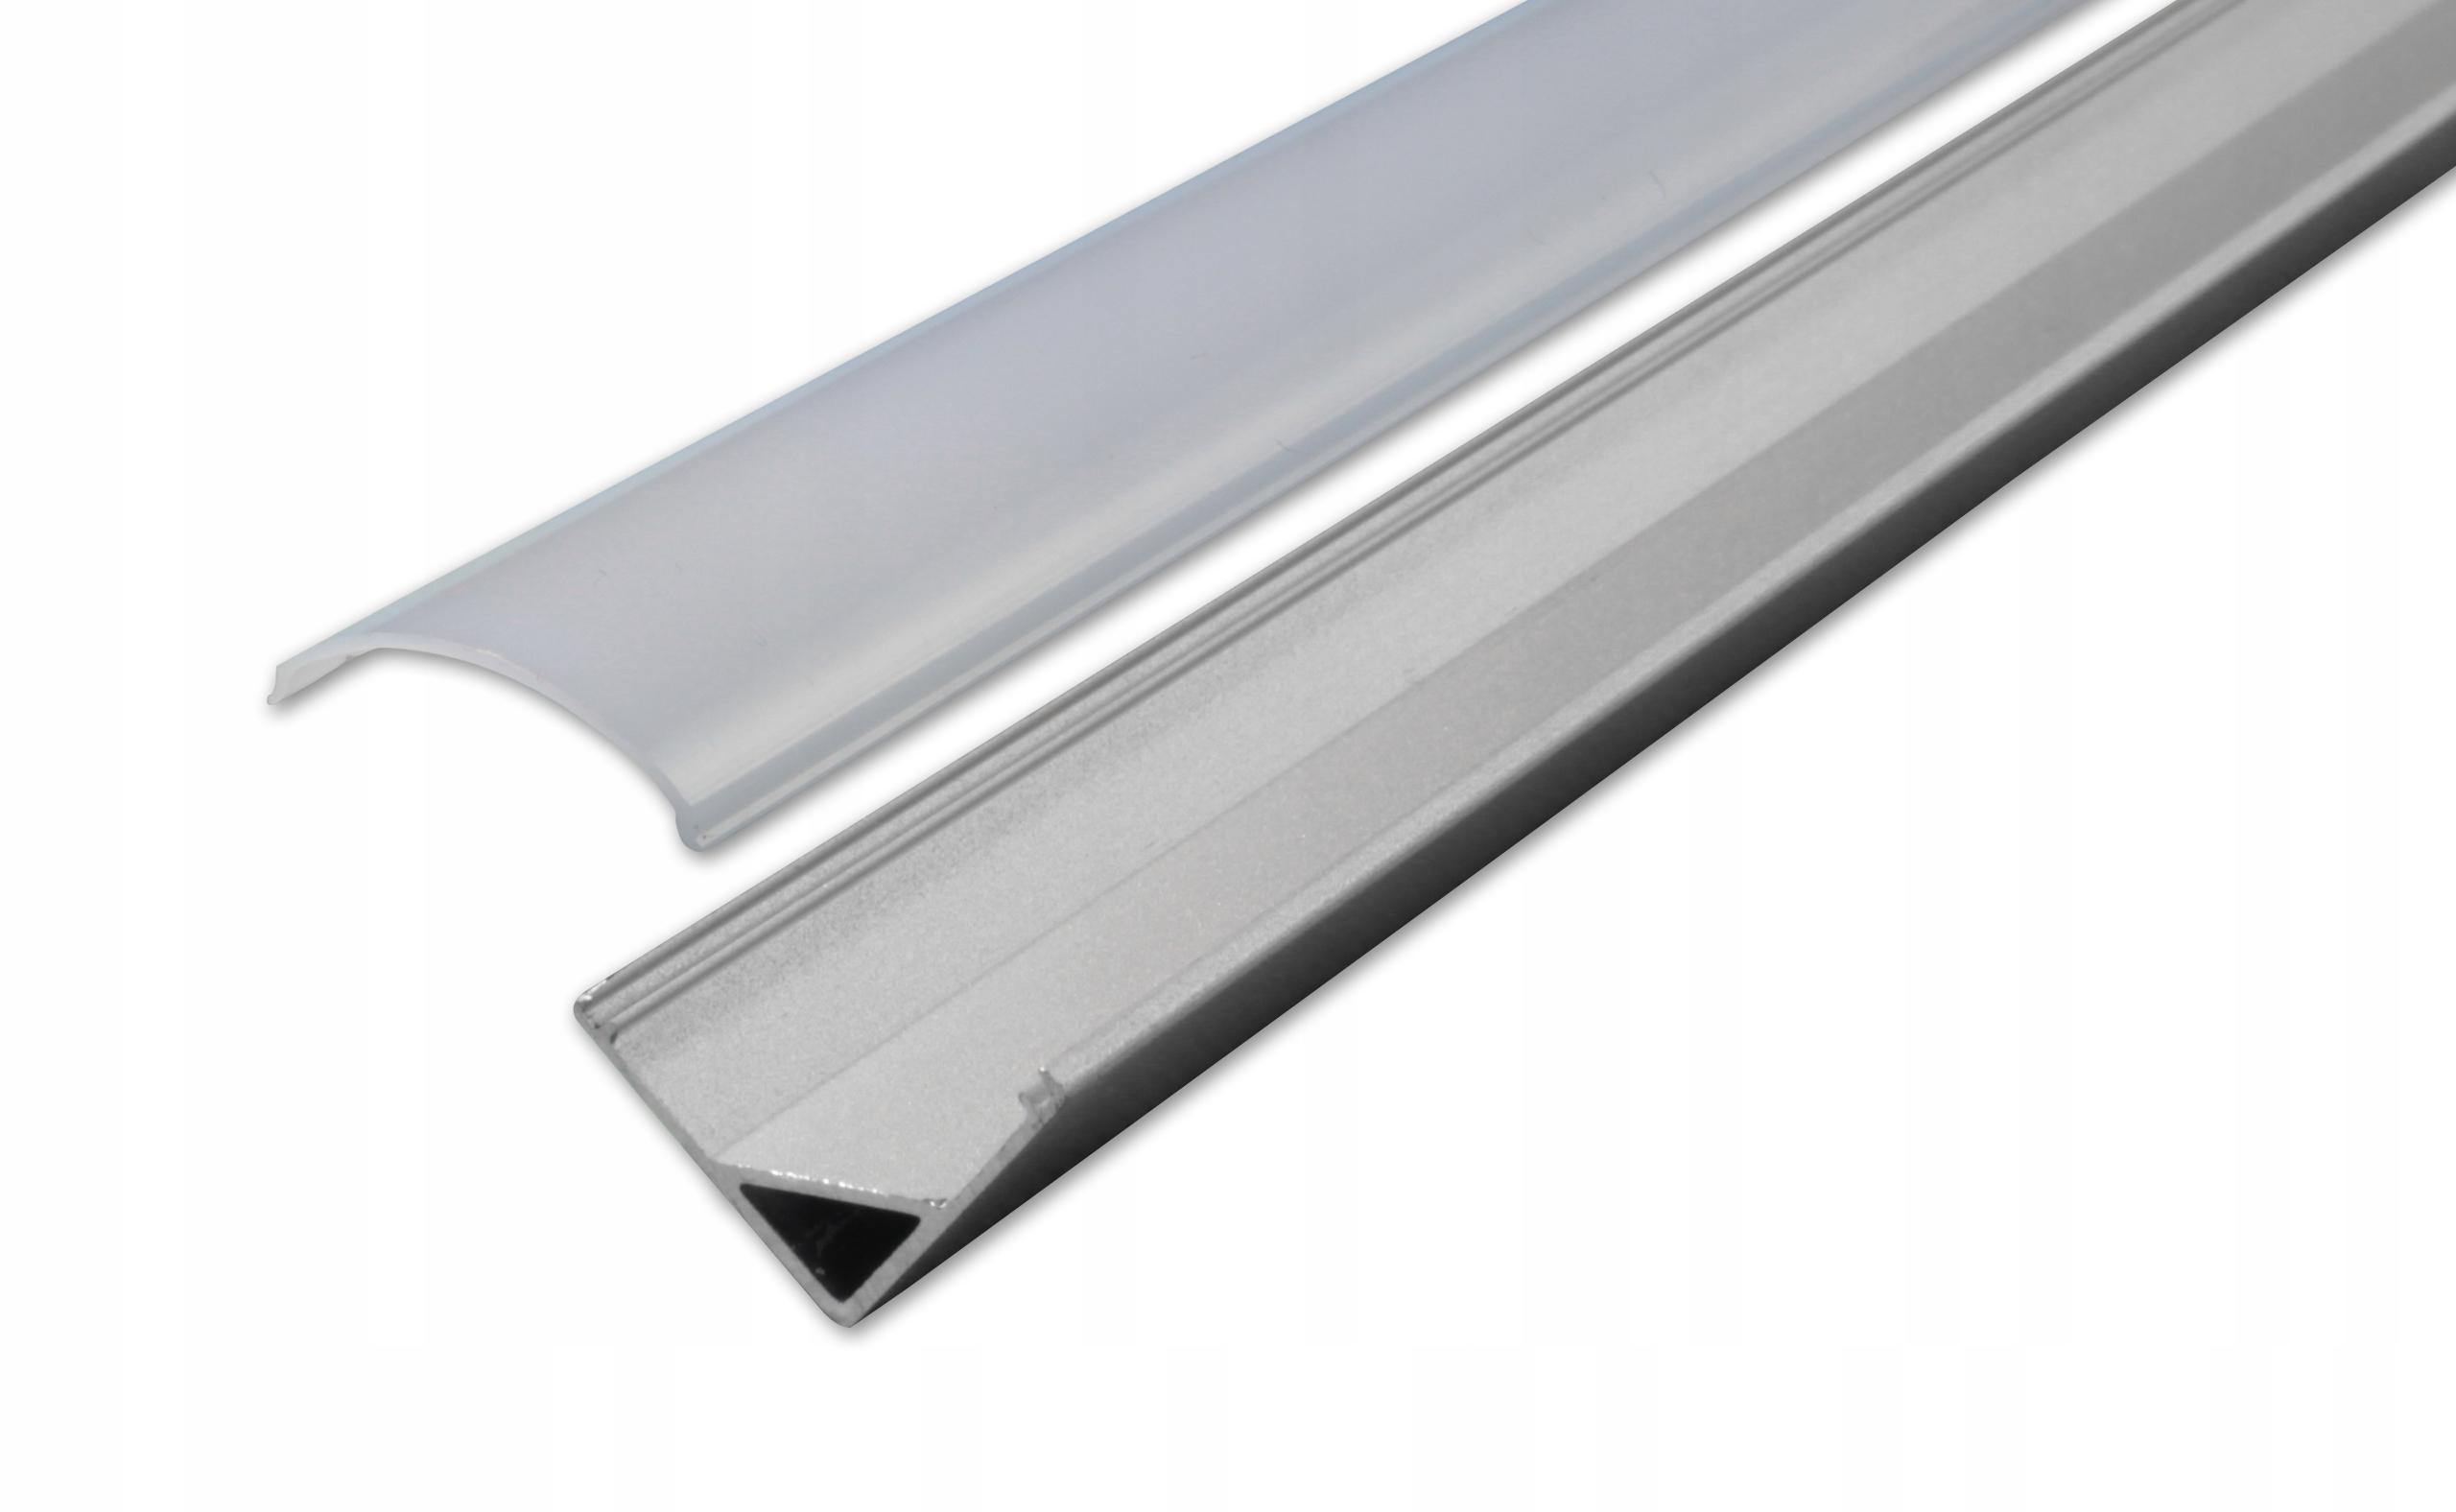 Угловой алюминиевый профиль 2м для СВЕТОДИОДНЫХ ЛЕНТОК